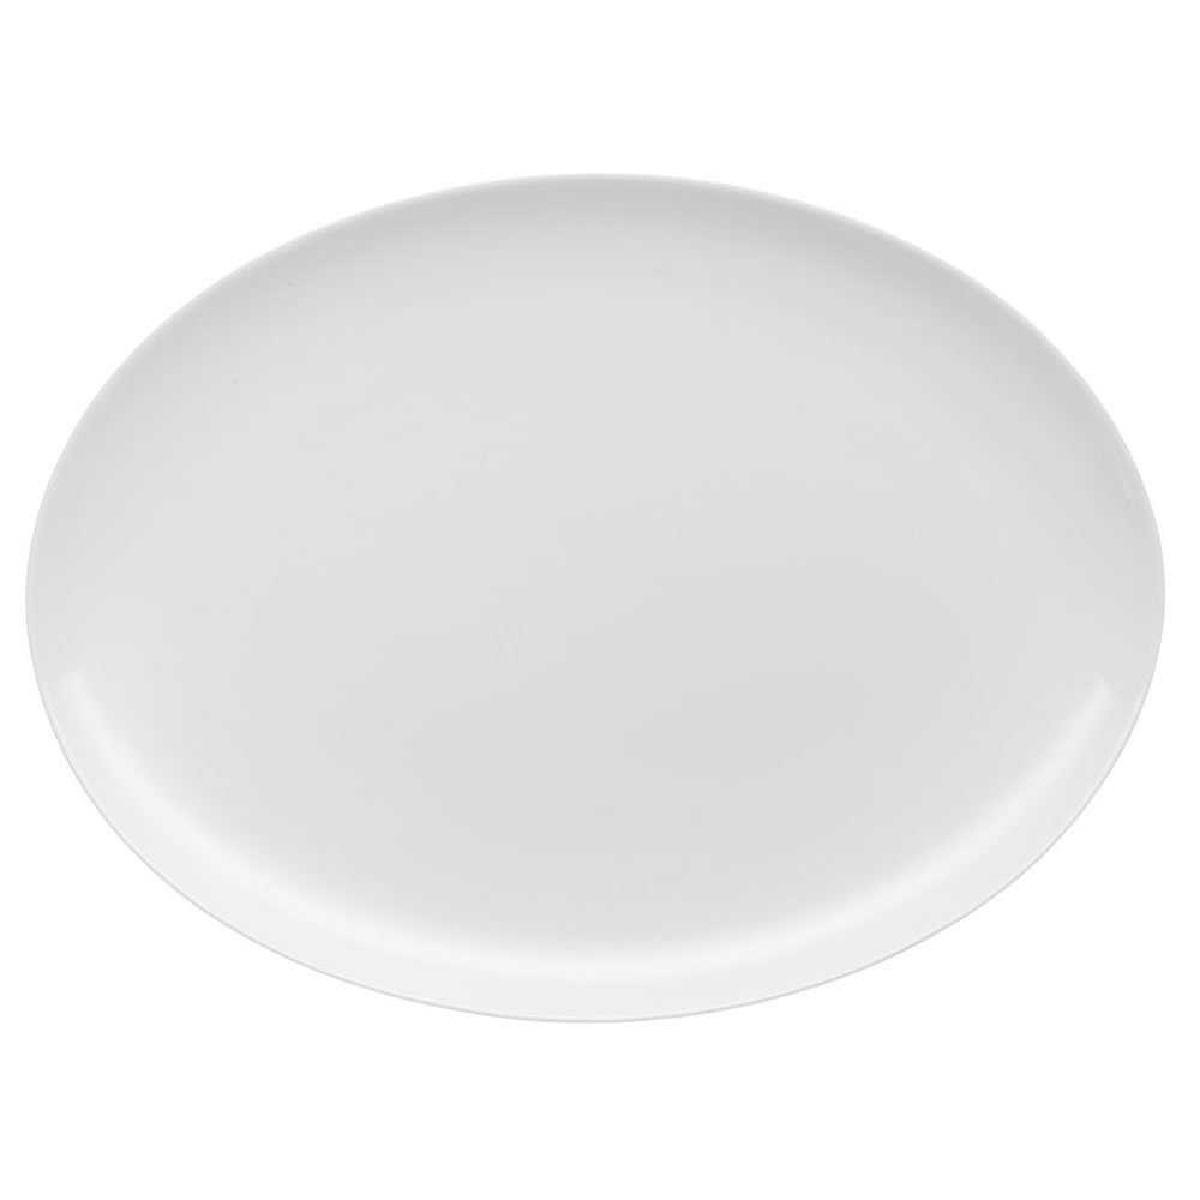 Онлайн каталог PROMENU: Блюдо овальное фарфоровое Rosenthal JADE, длина 30 см, белый Rosenthal 61040-800001-12730